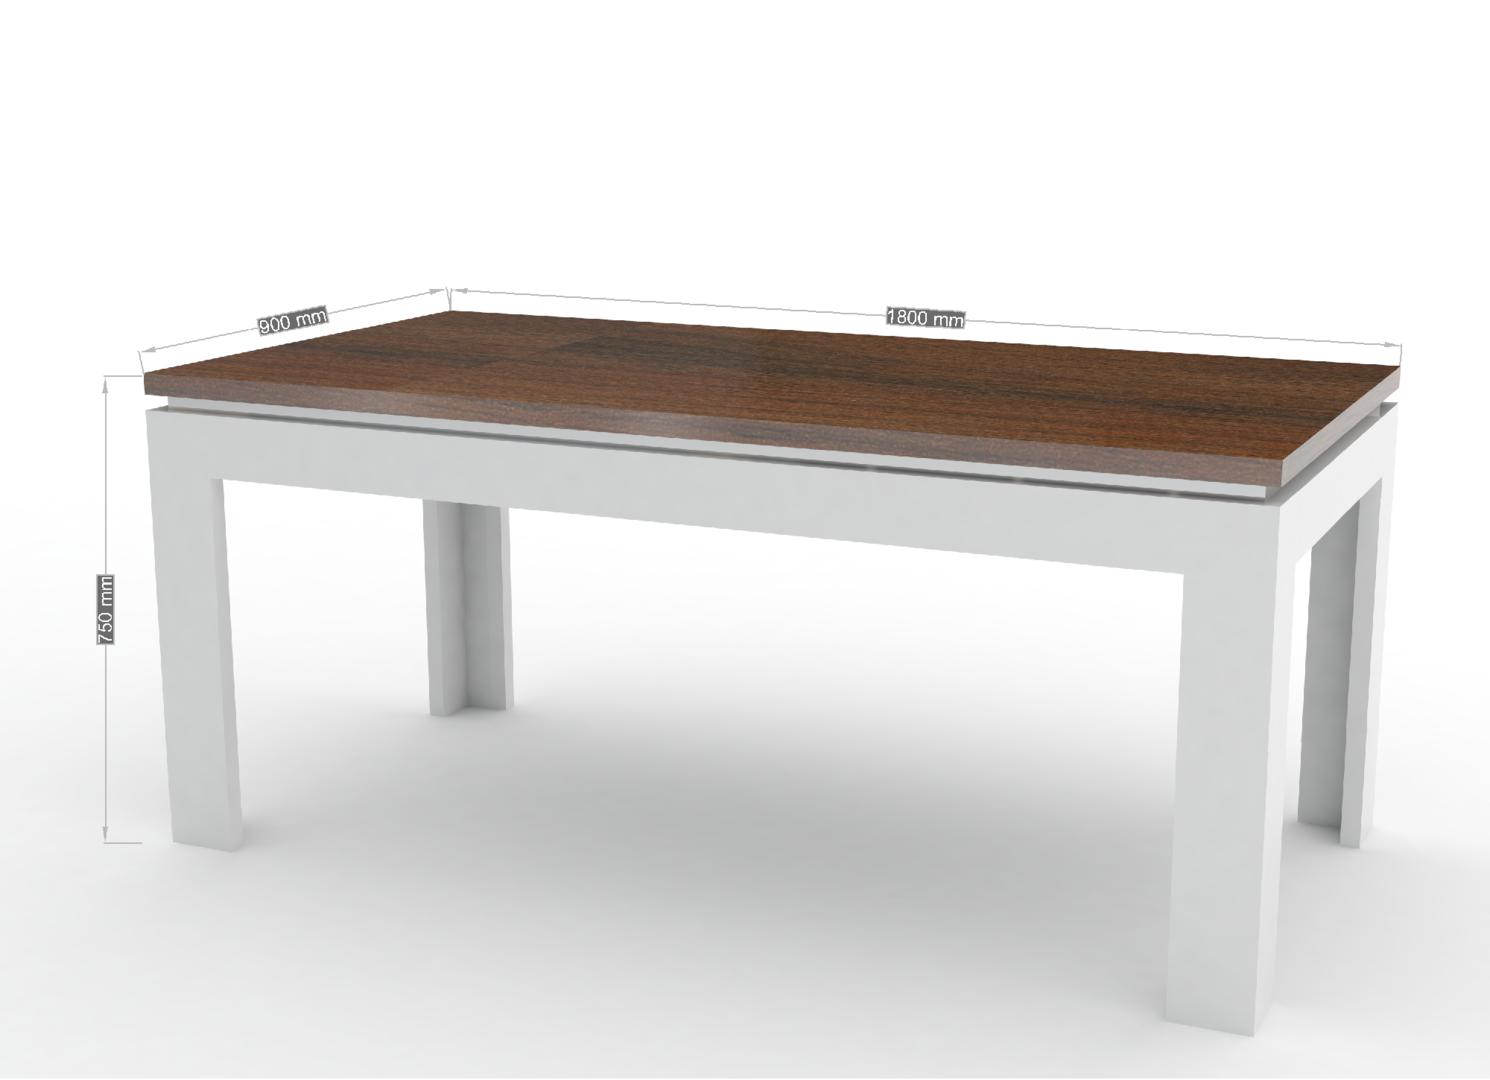 Tavolo moderno bianco messico mobile per sala da pranzo for Tavolo cucina 4 posti